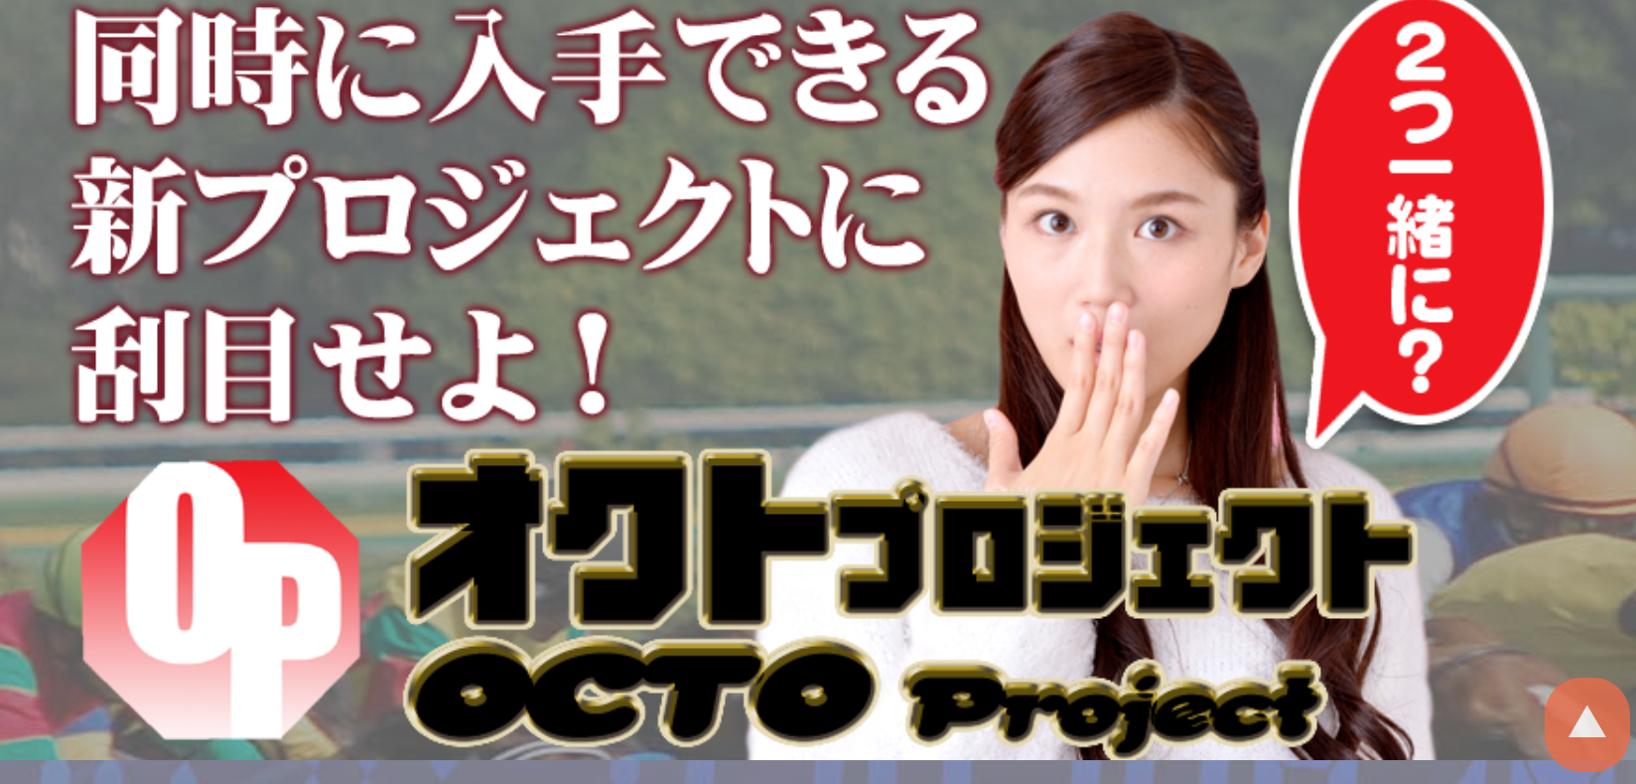 【オクトプロジェクト】2大競馬商材&ツールセット